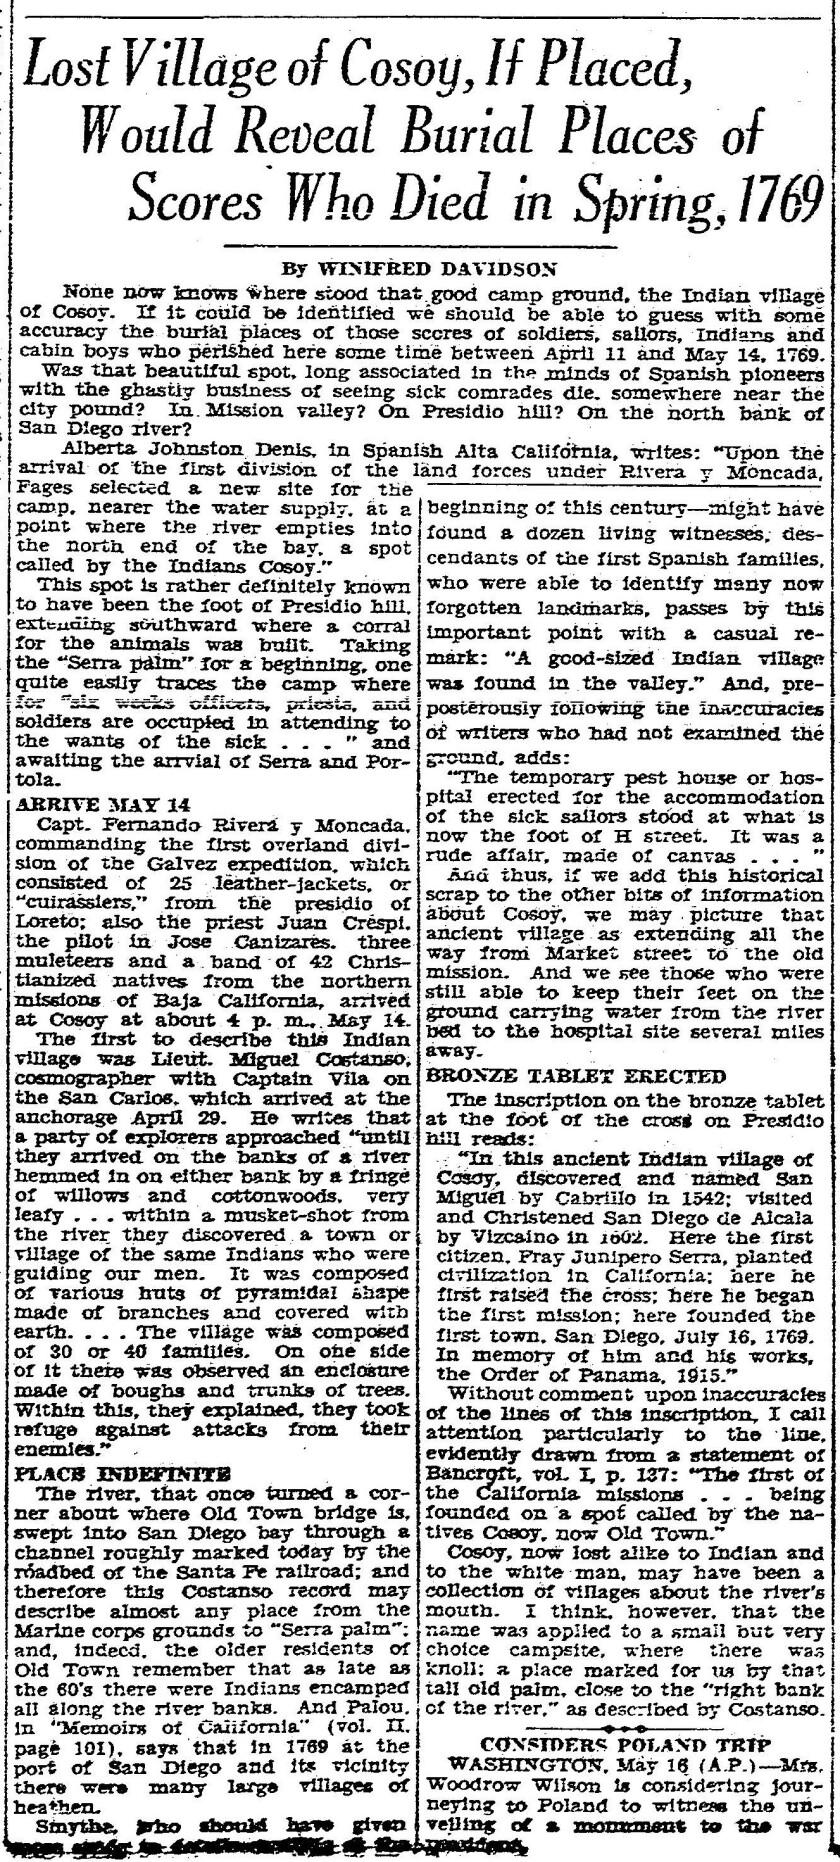 May-17-1931-1769-Cosoy.jpg